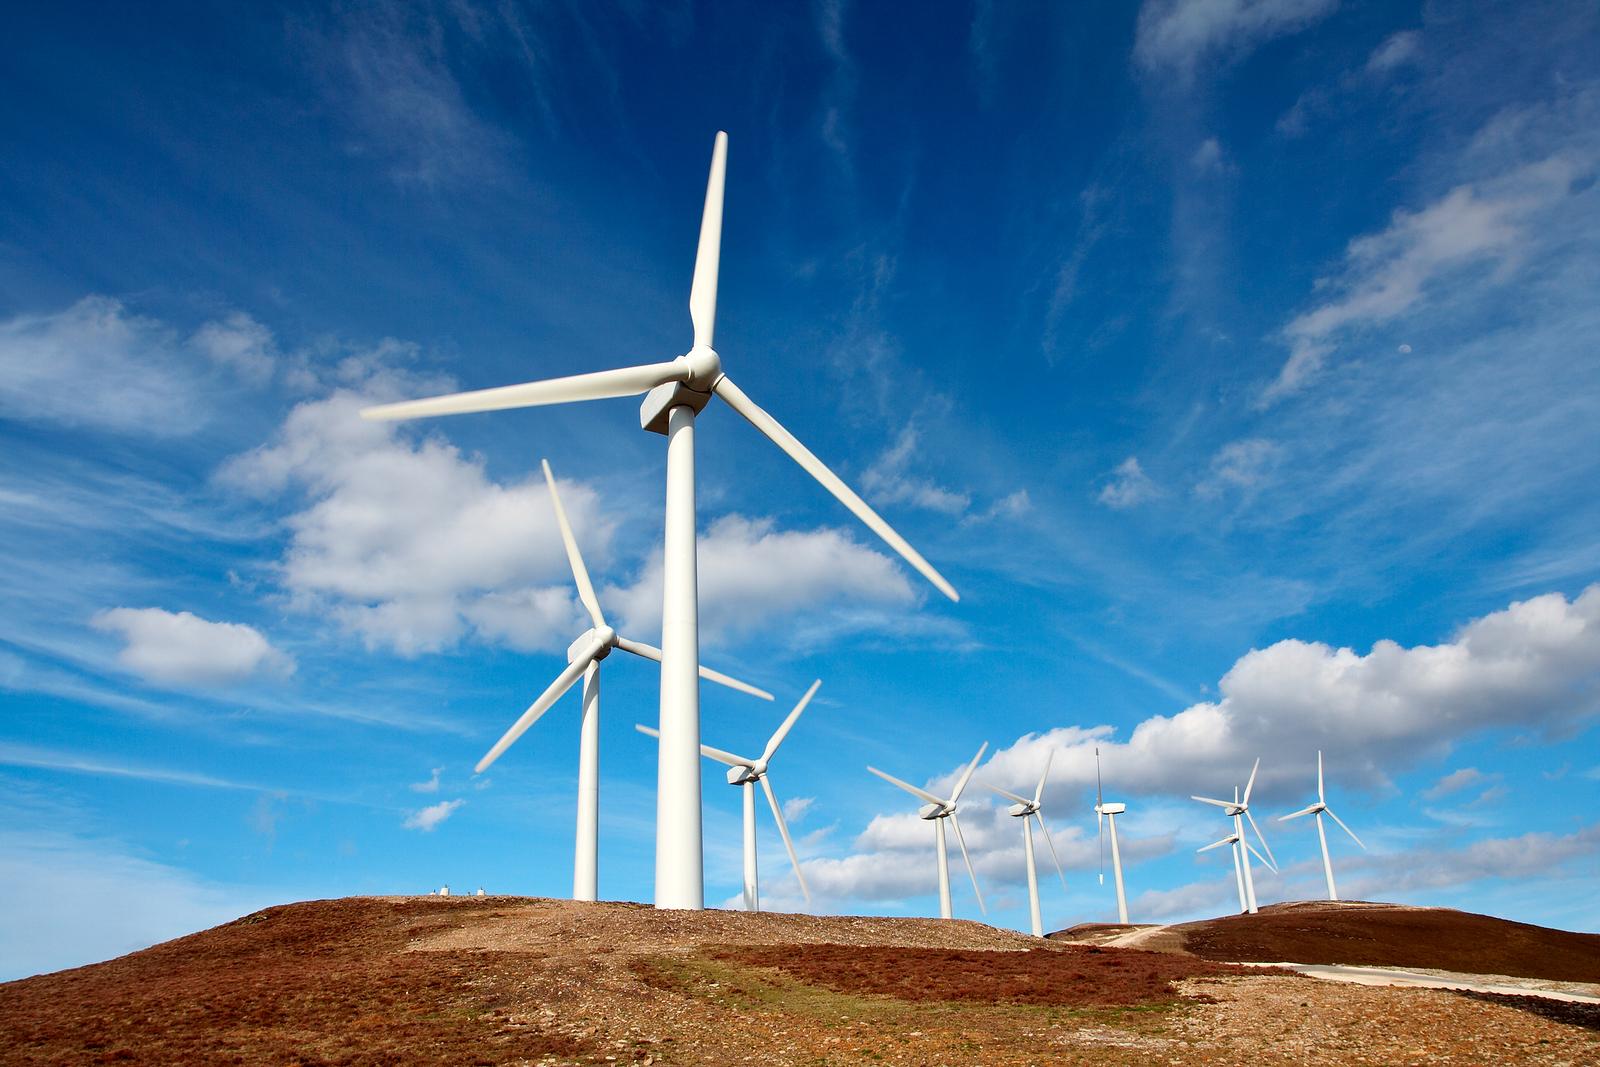 помните такой ветряные электростанции нового поколения фото съемка проходит динамичном